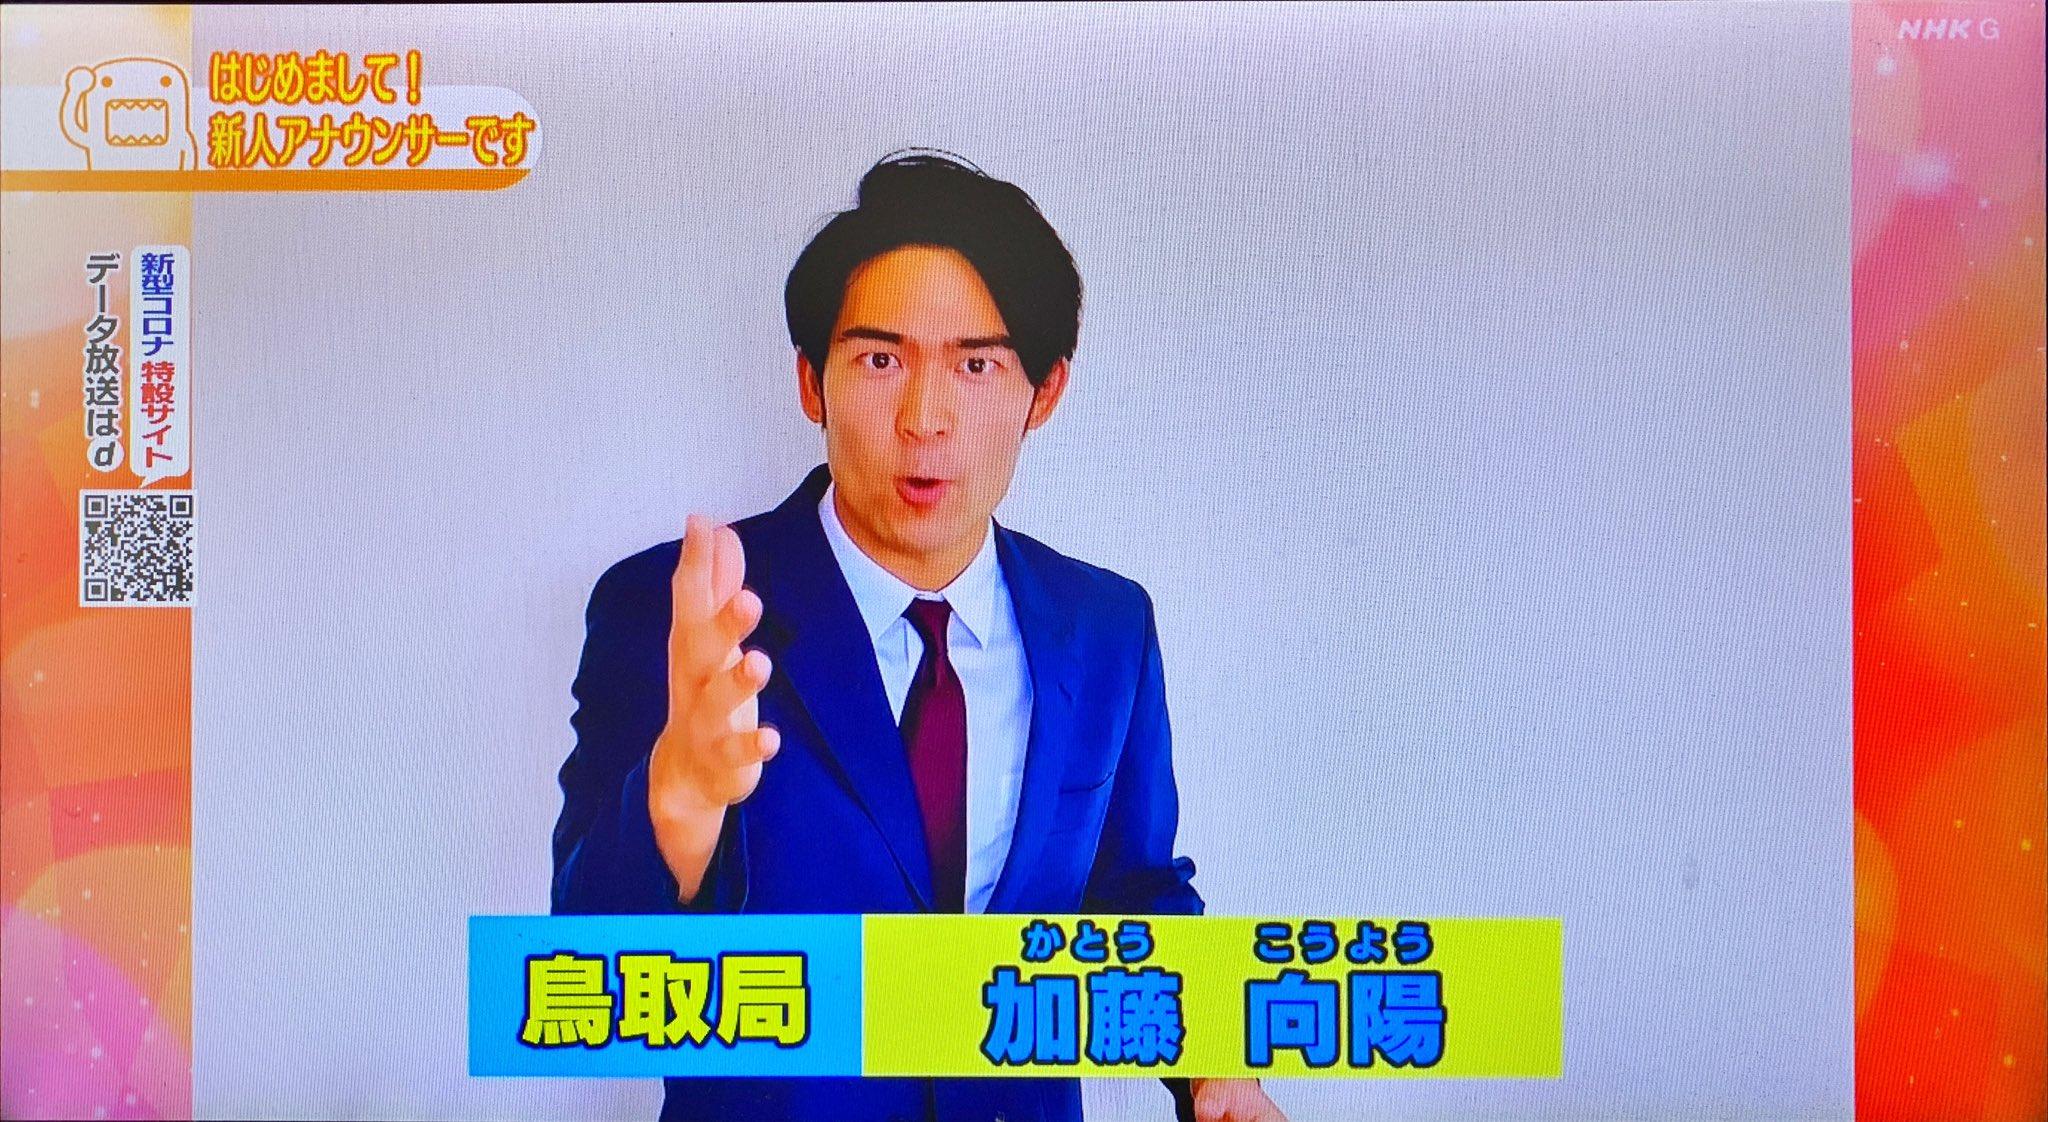 嶋田ココ 新年度を迎え